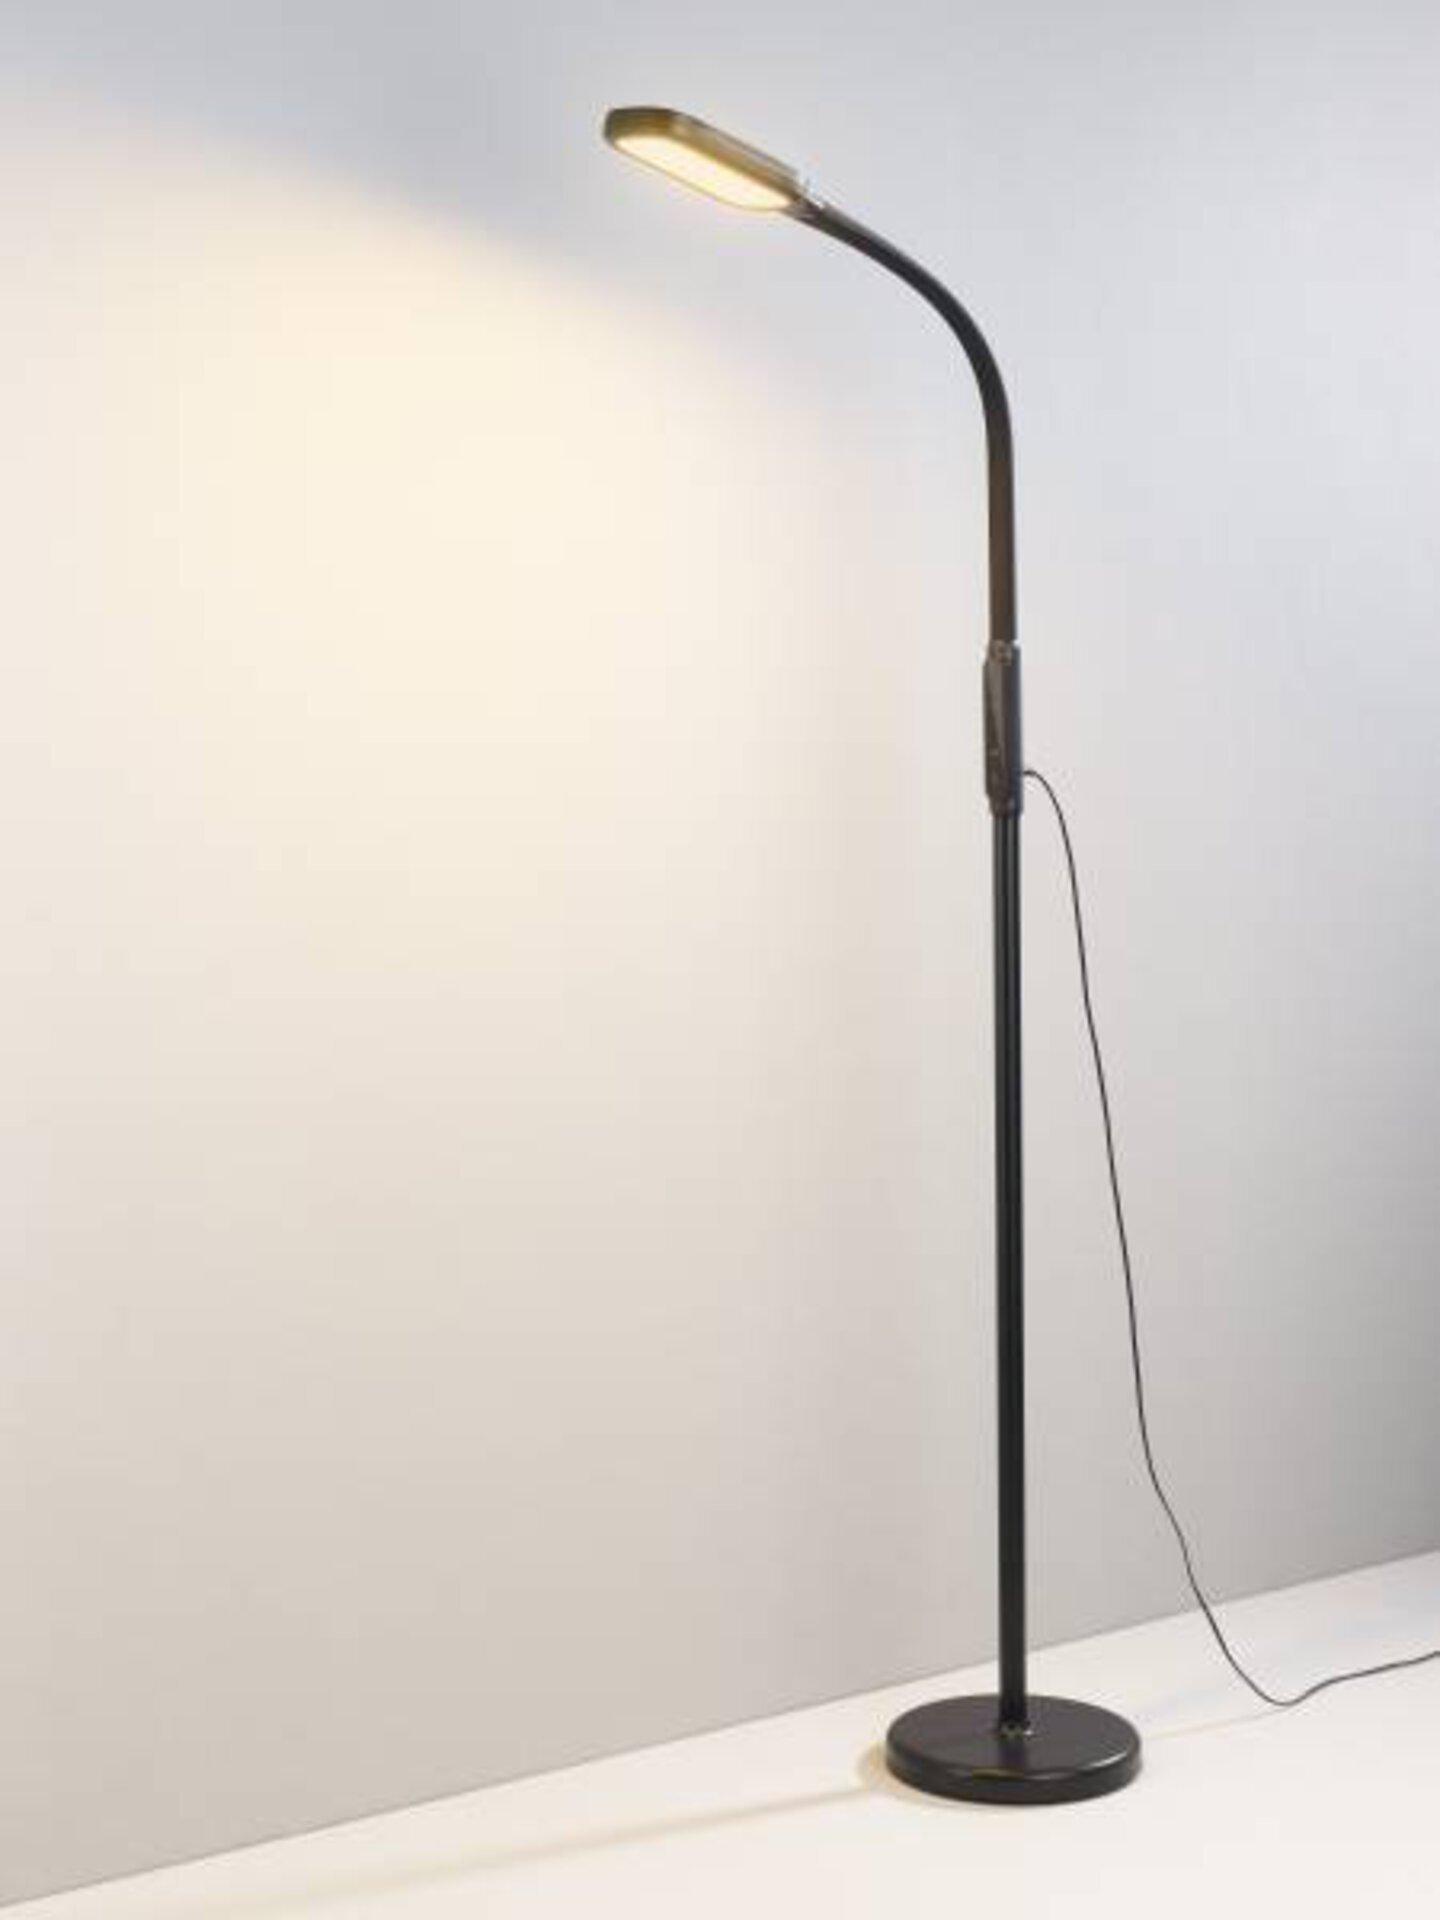 Stehleuchte Choise Casa Nova Metall schwarz 23 x 176 x 23 cm